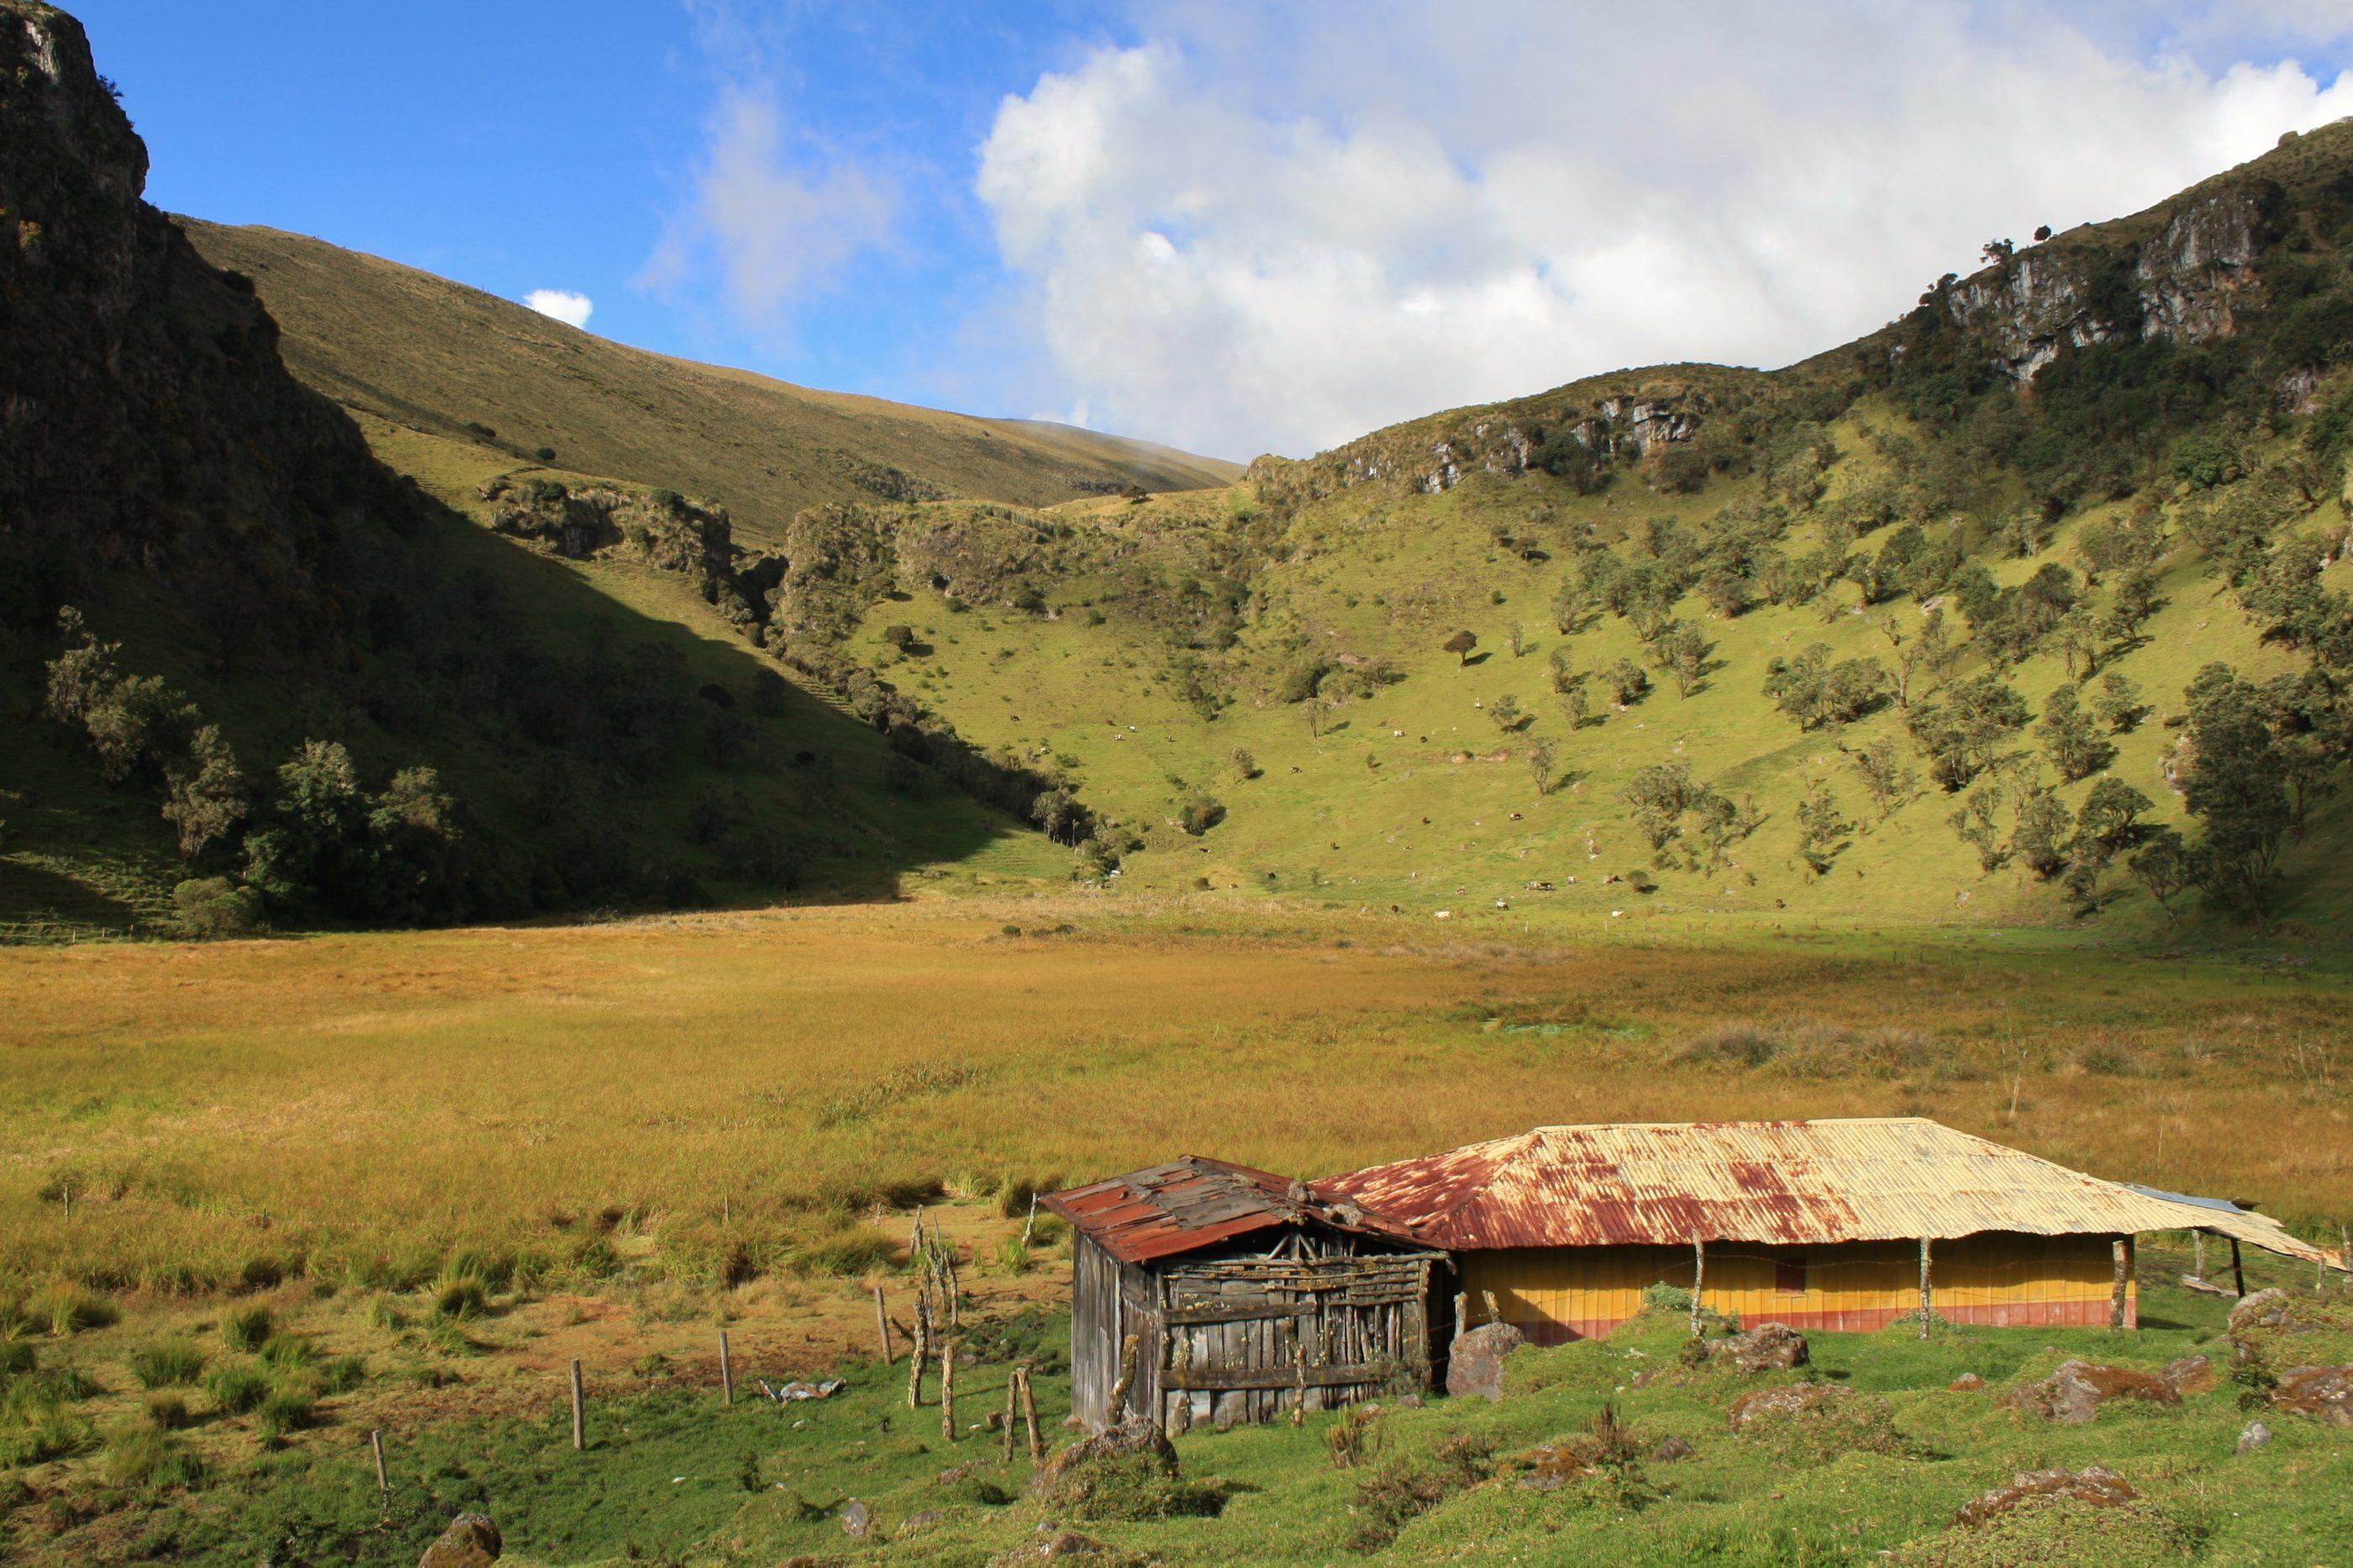 Der Páramo ist meistens in Wolken gehüllt, doch manchmal gibt er die wunderbare Landschaft preis...